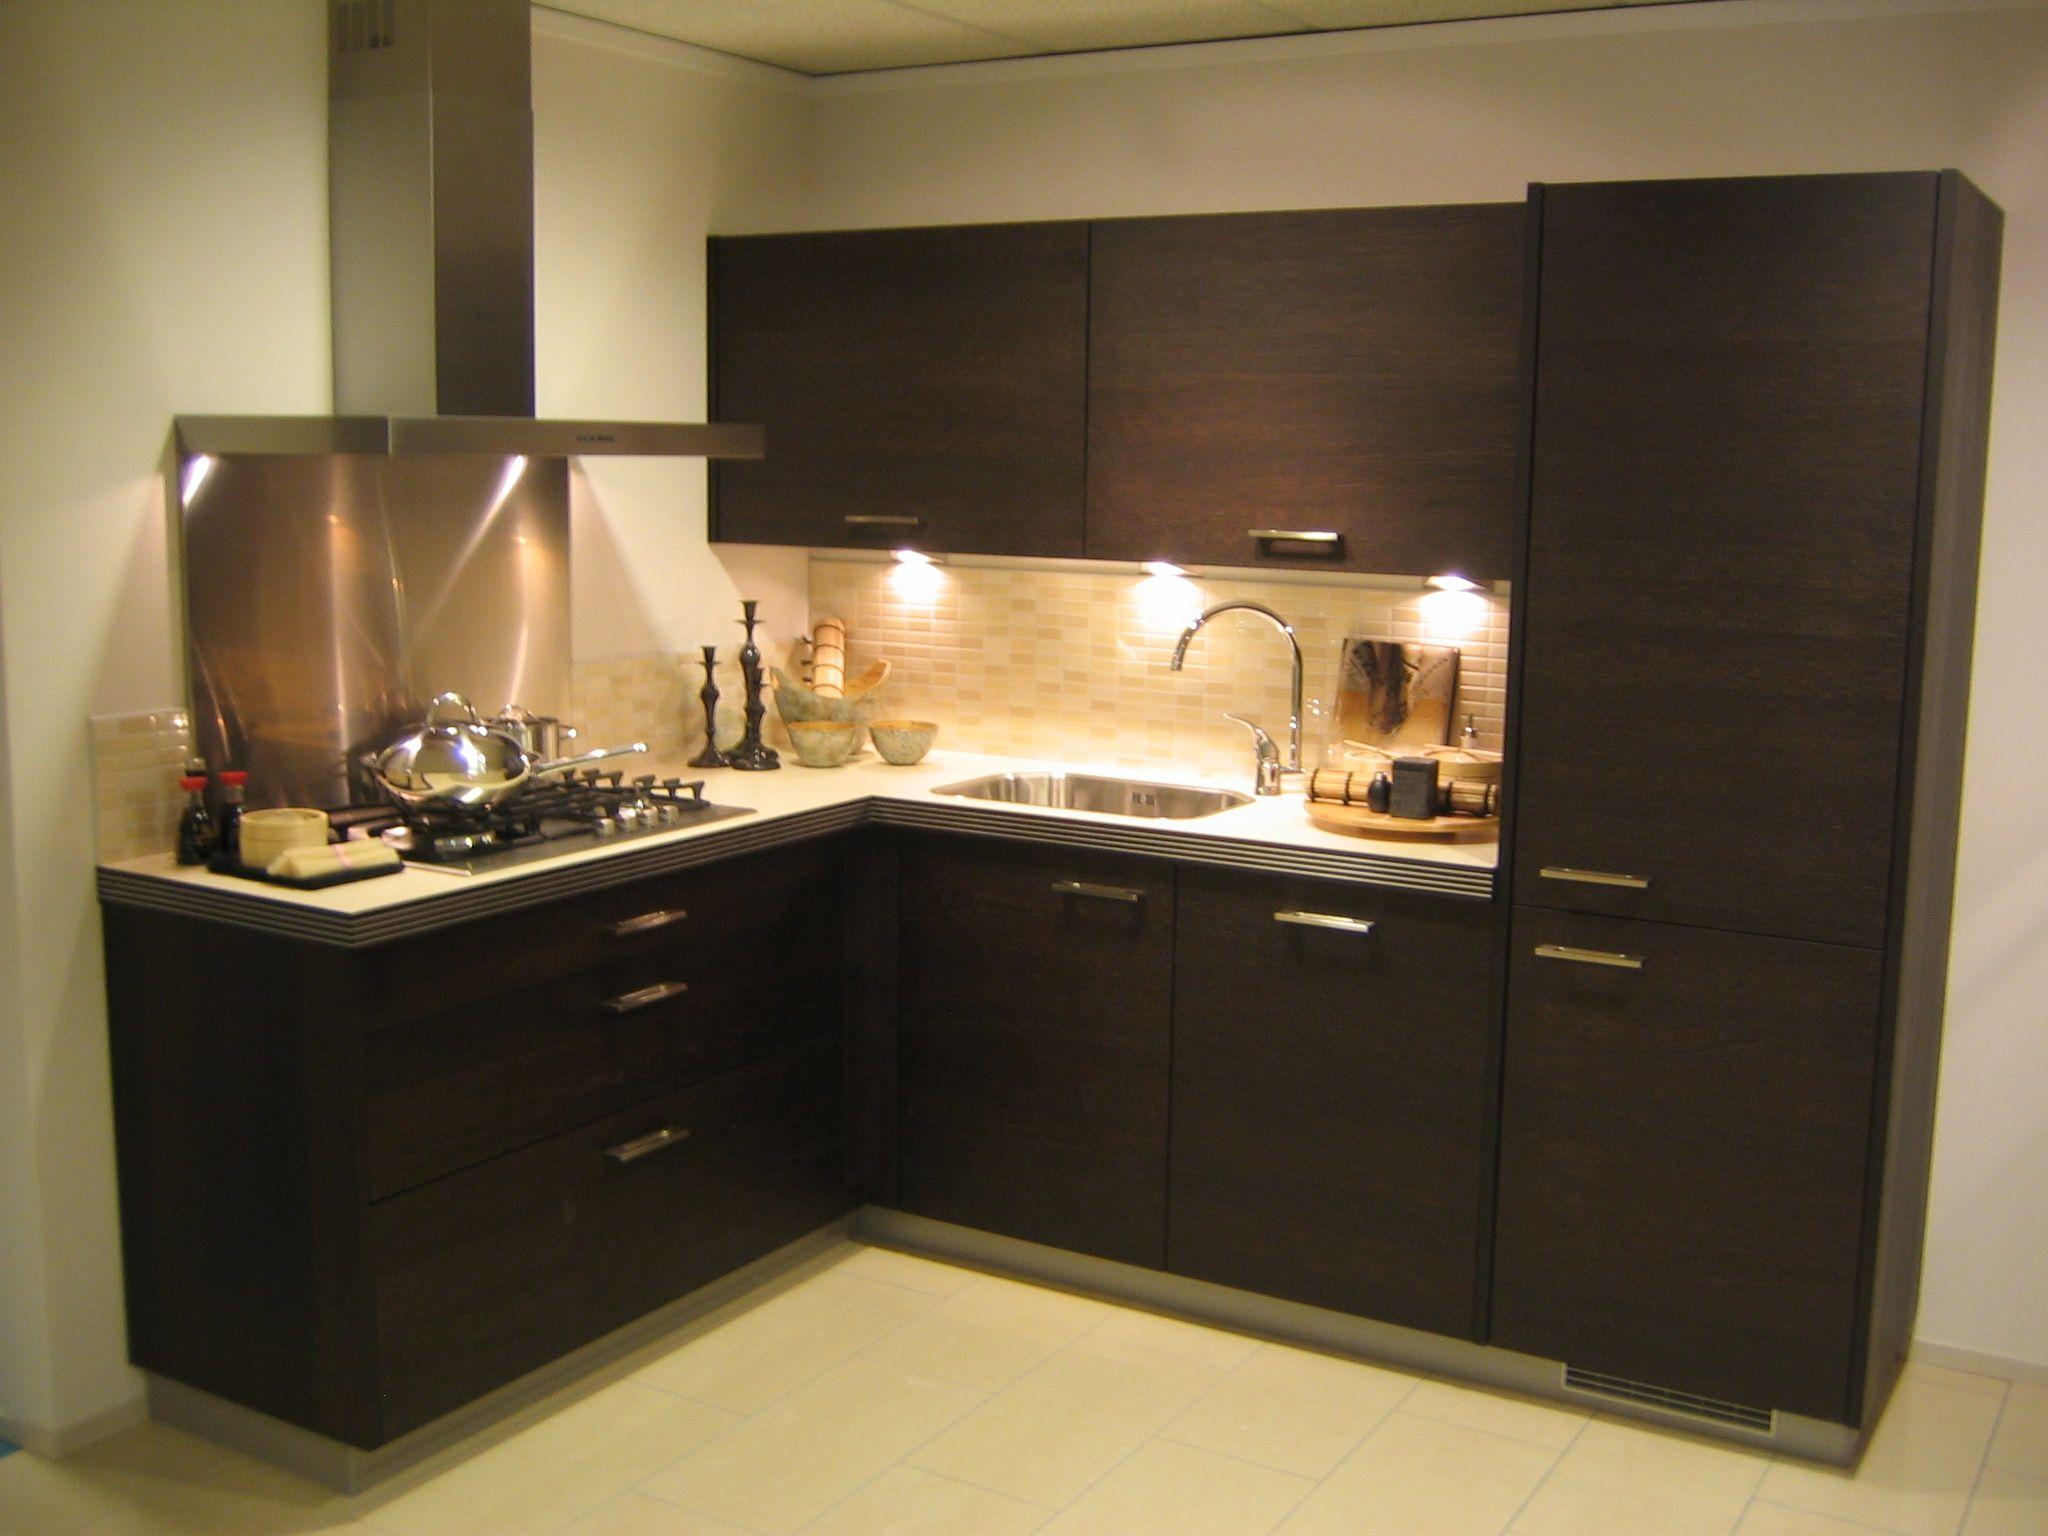 Inspiratie Aankleding Keuken : Ikea keuken zwart u informatie over de keuken